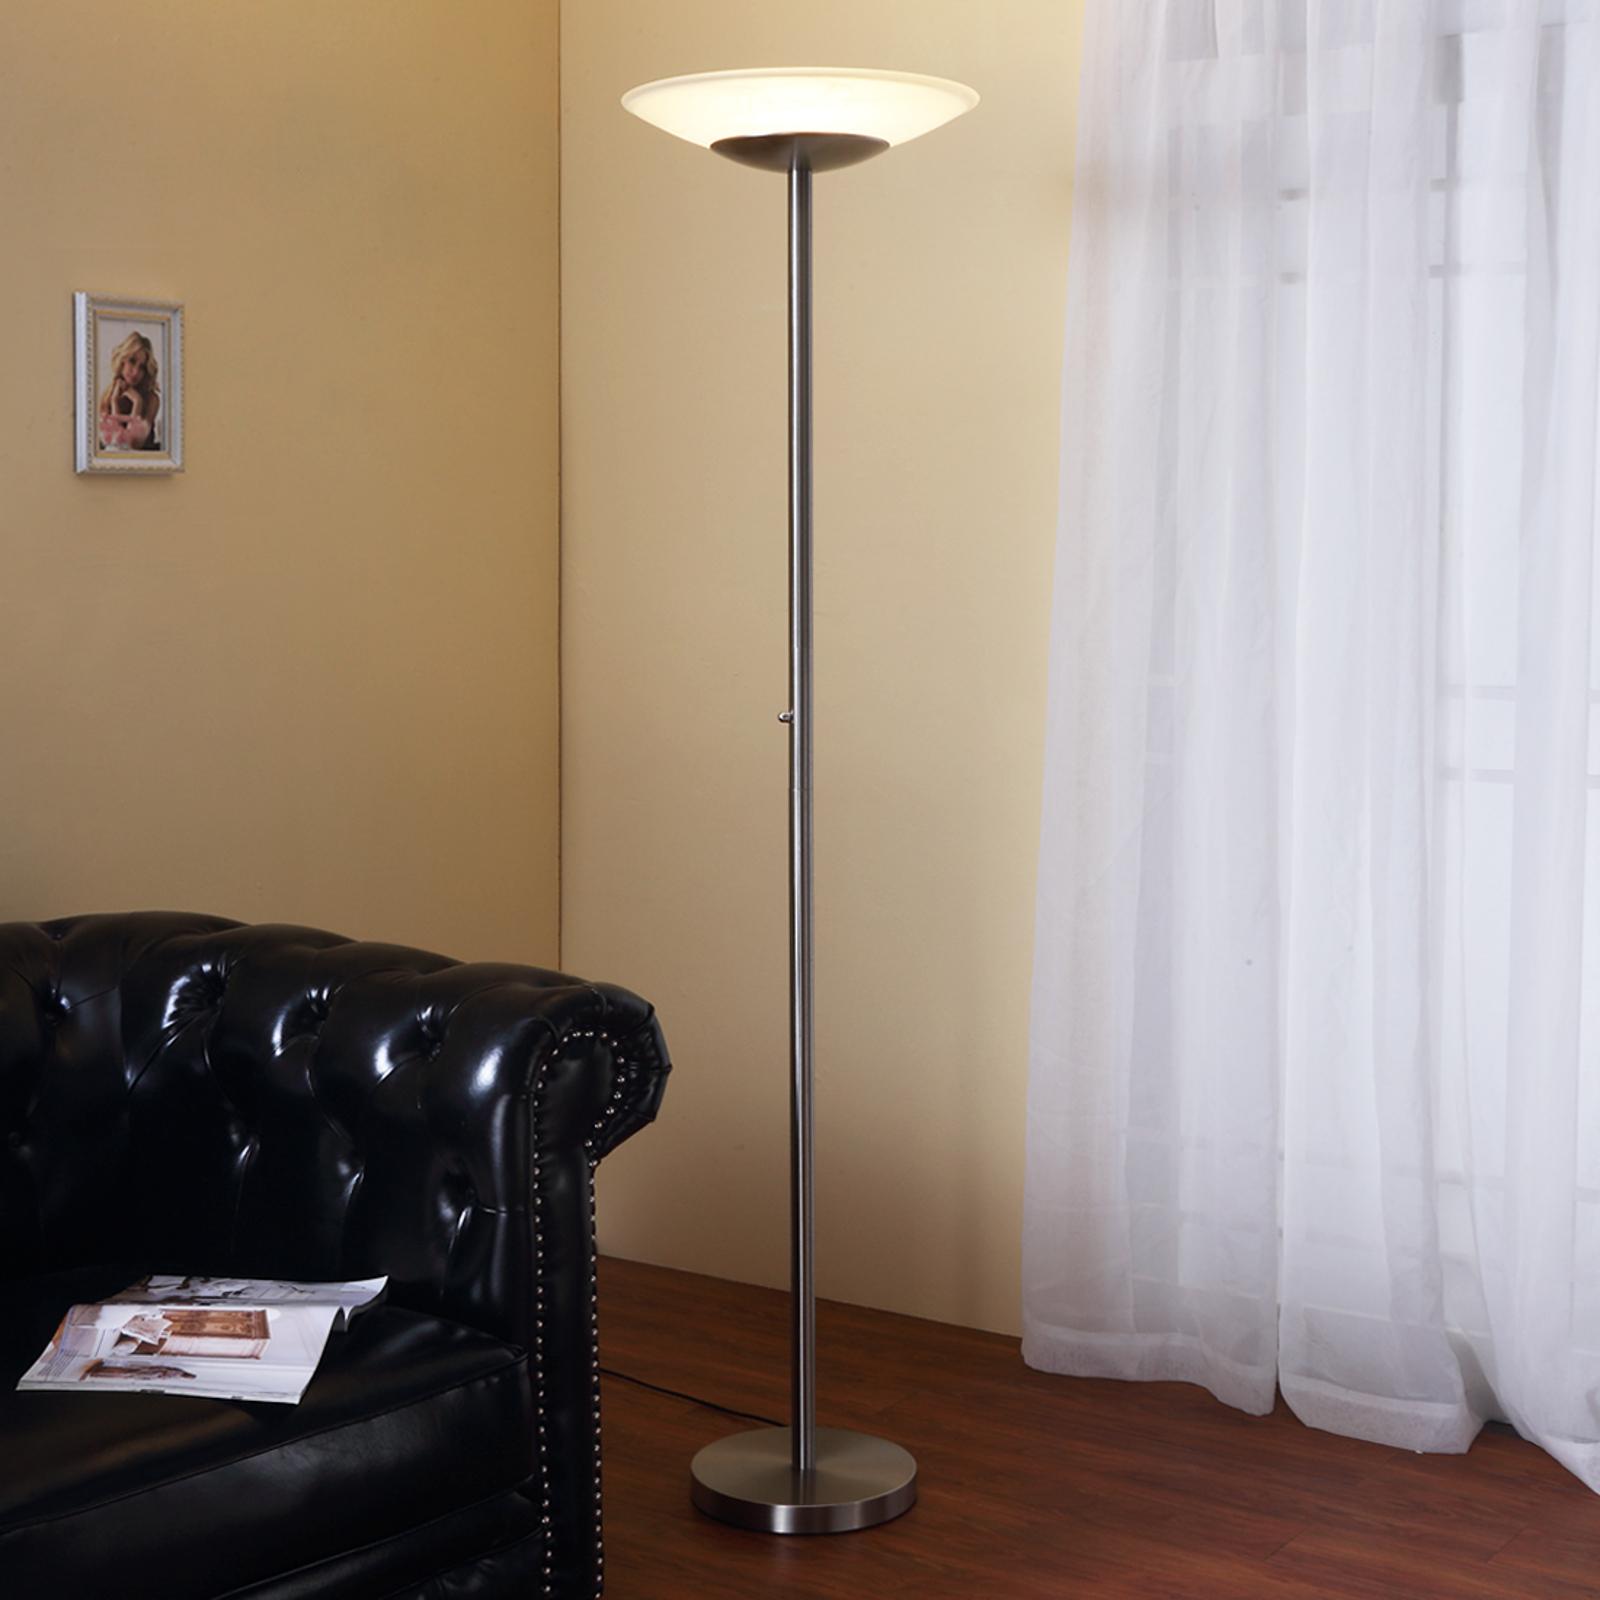 LED-Deckenfluter Ragna mit Dimmer, nickel matt